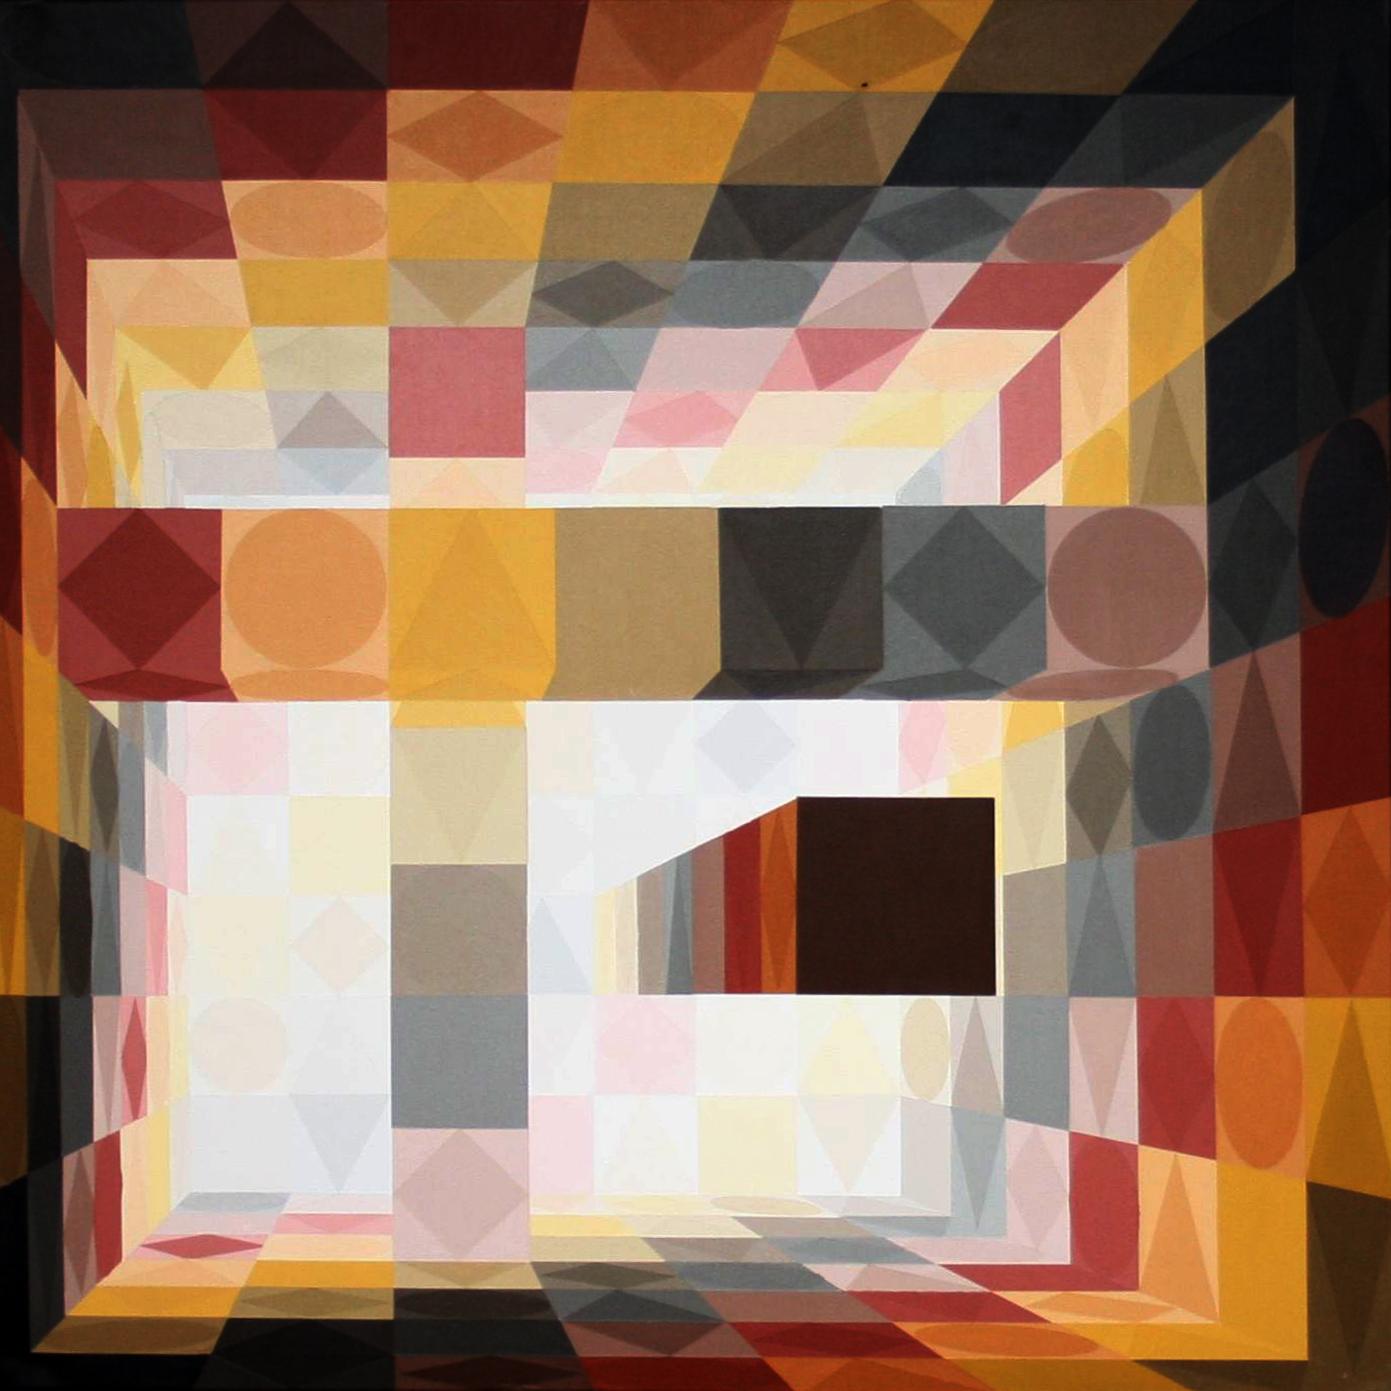 Säulenhalle | braun2 | 2011 | Acryl | 100x100 cm (112 verschiedene Brauntöne)